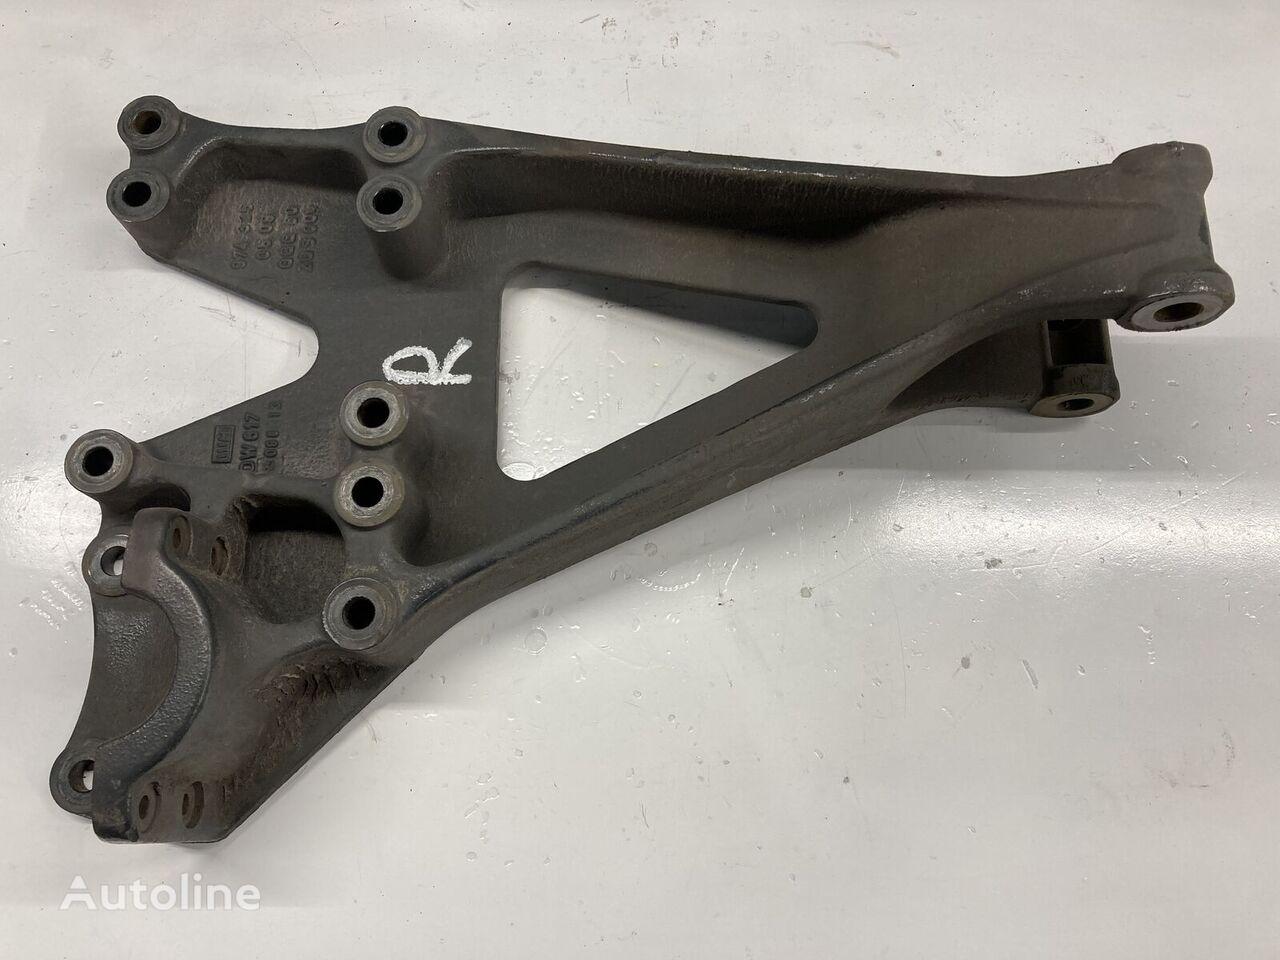 крепежные элементы  Steun rechts van achterasophanging для грузовика MERCEDES-BENZ Steun rechts van achterasophanging